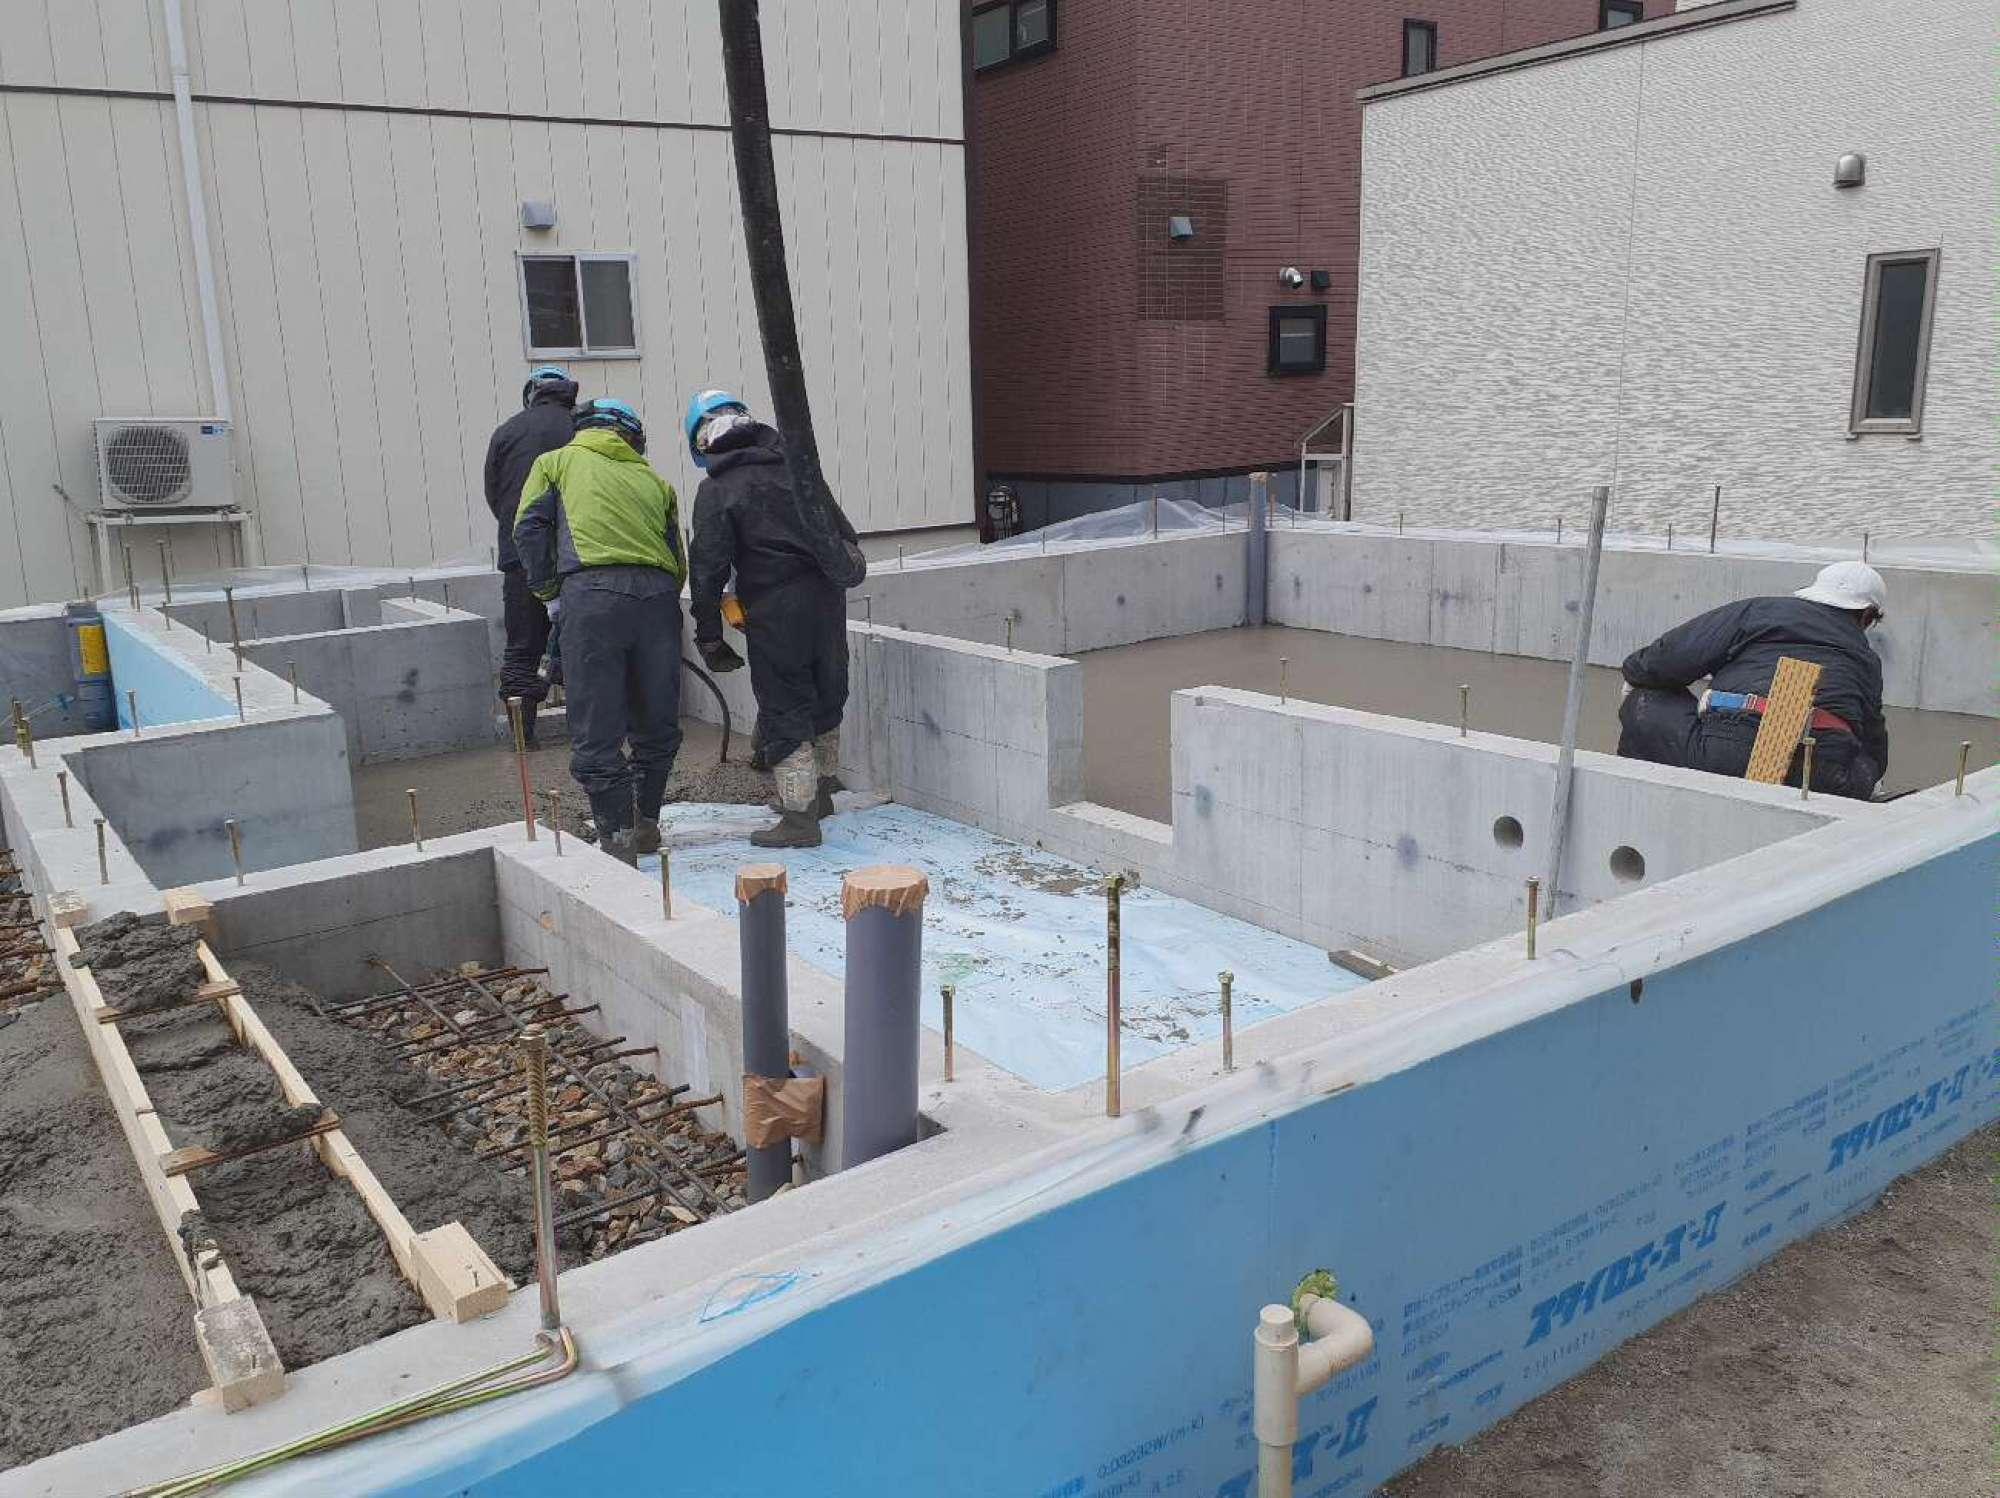 べた基礎 コンクリート打設 -  -  -